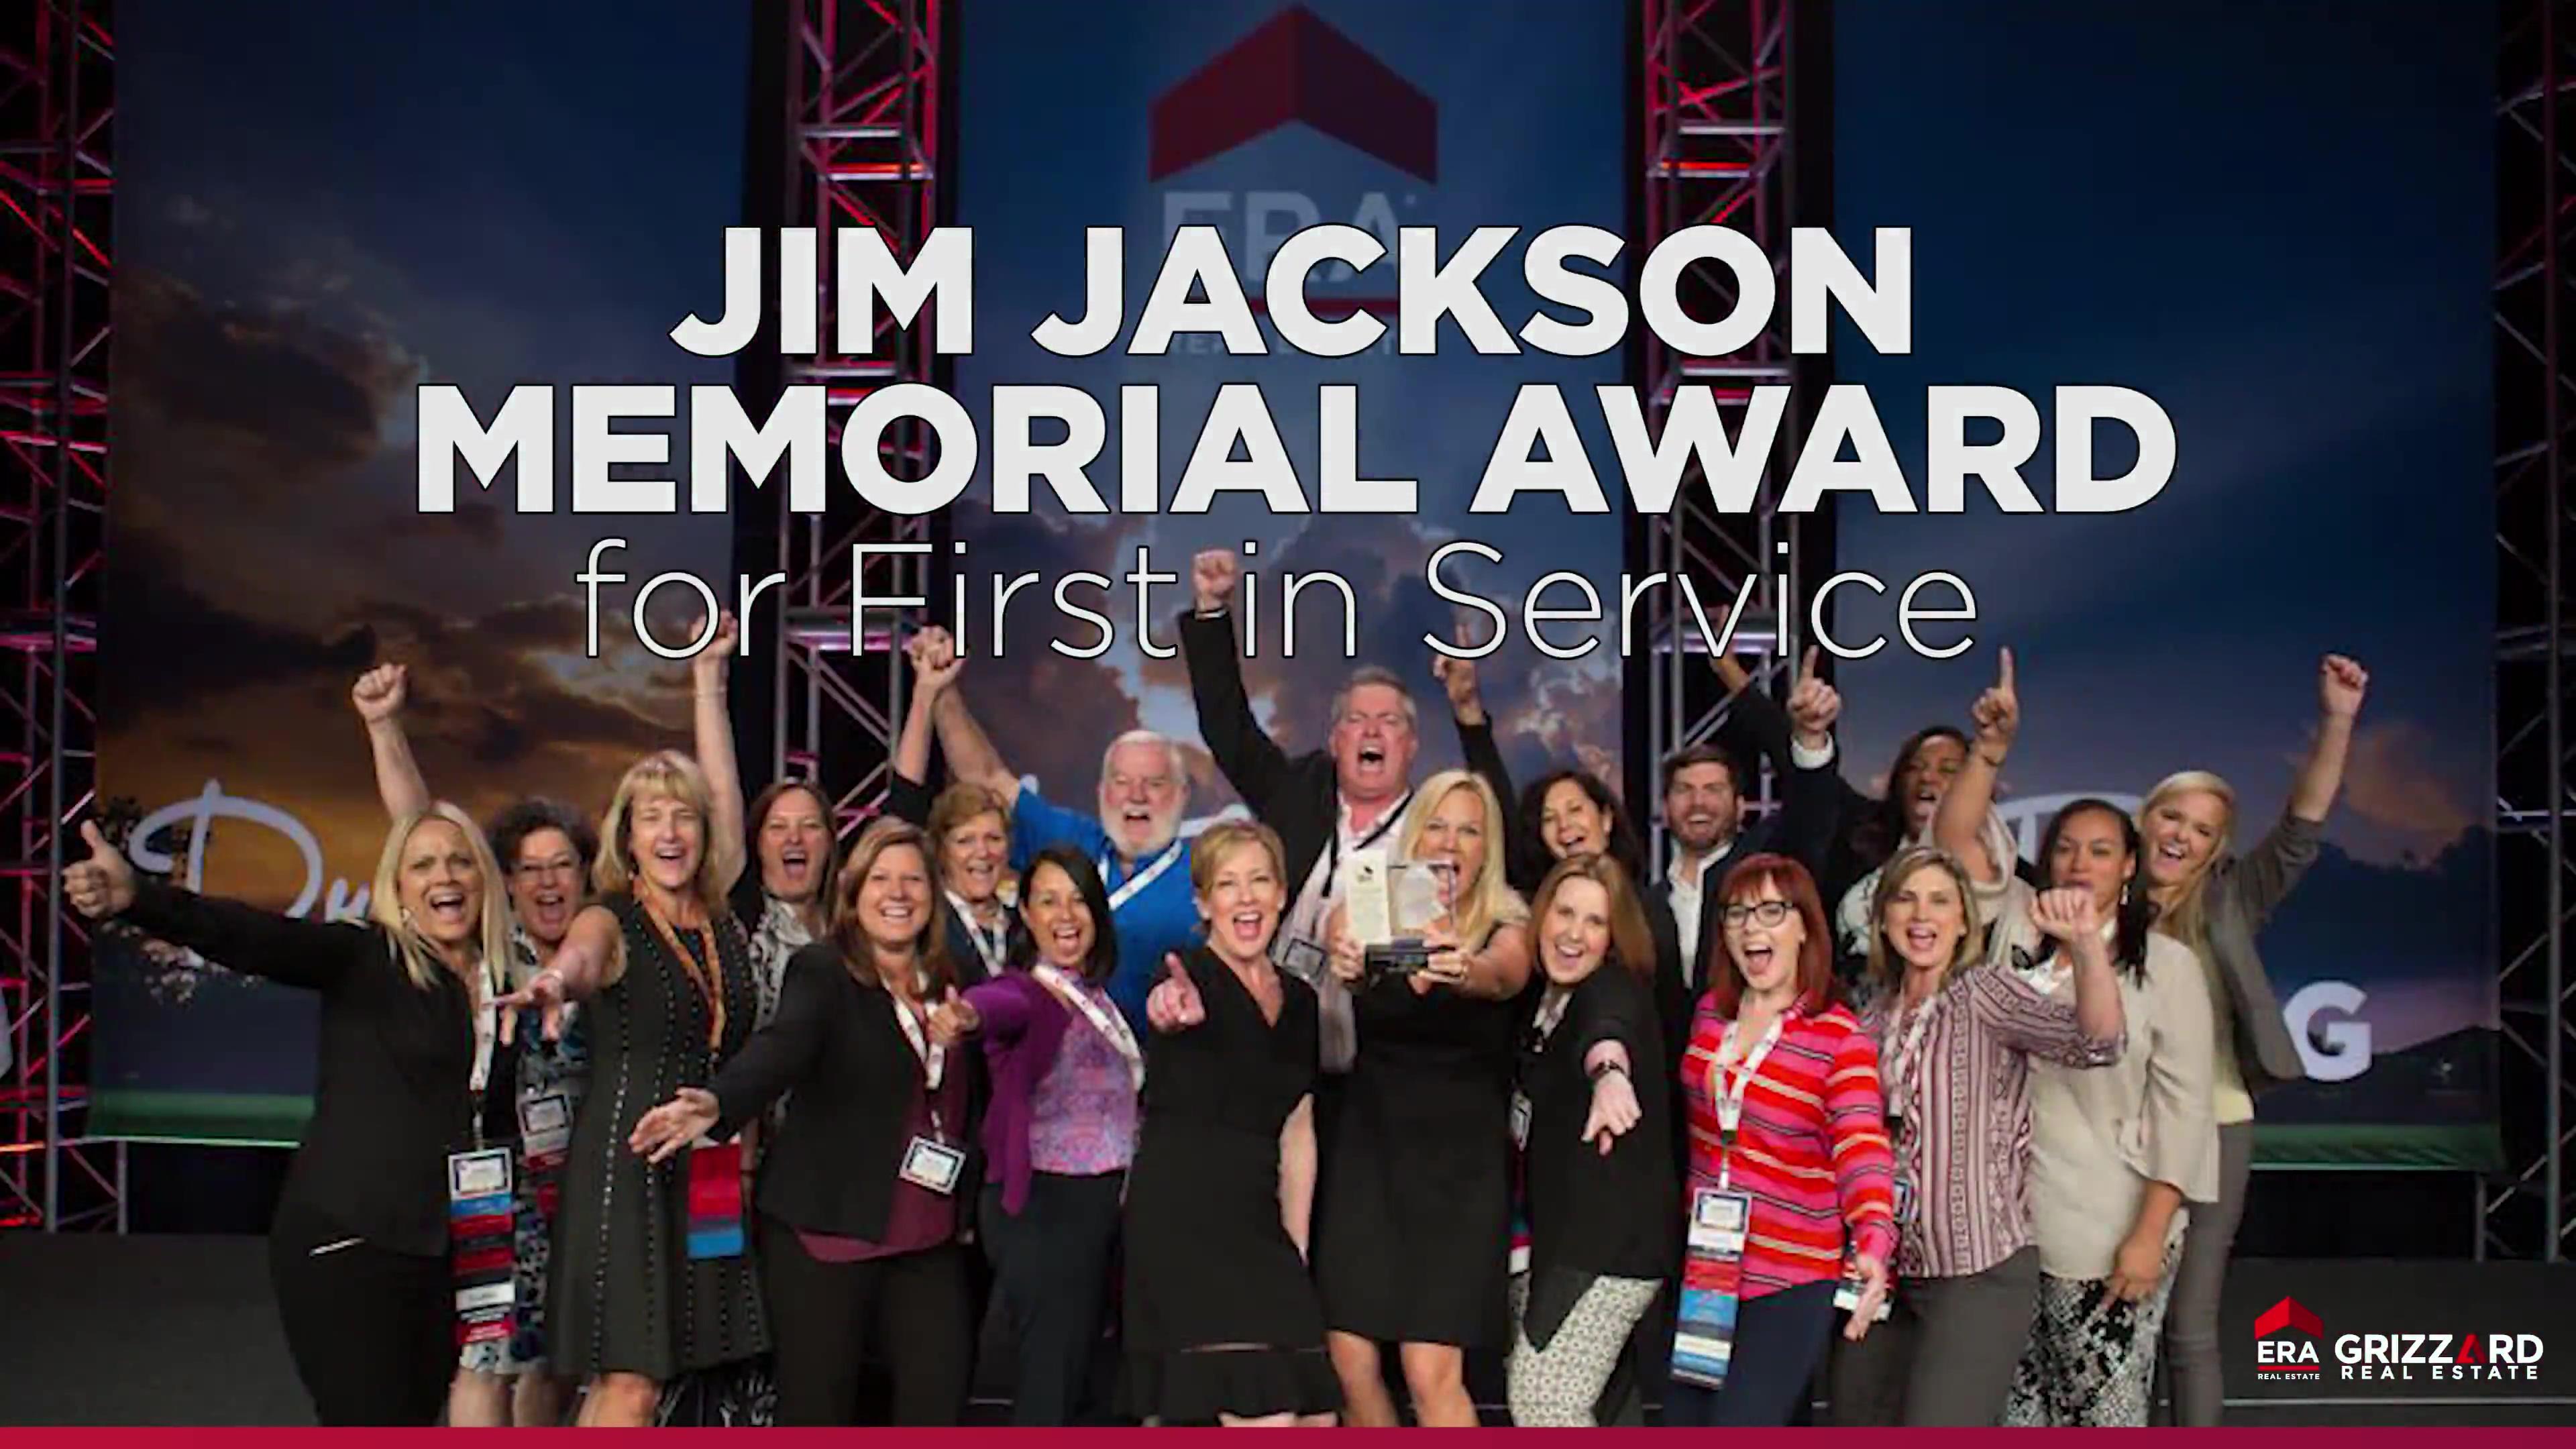 Jim Jackson Memorial Award Winner